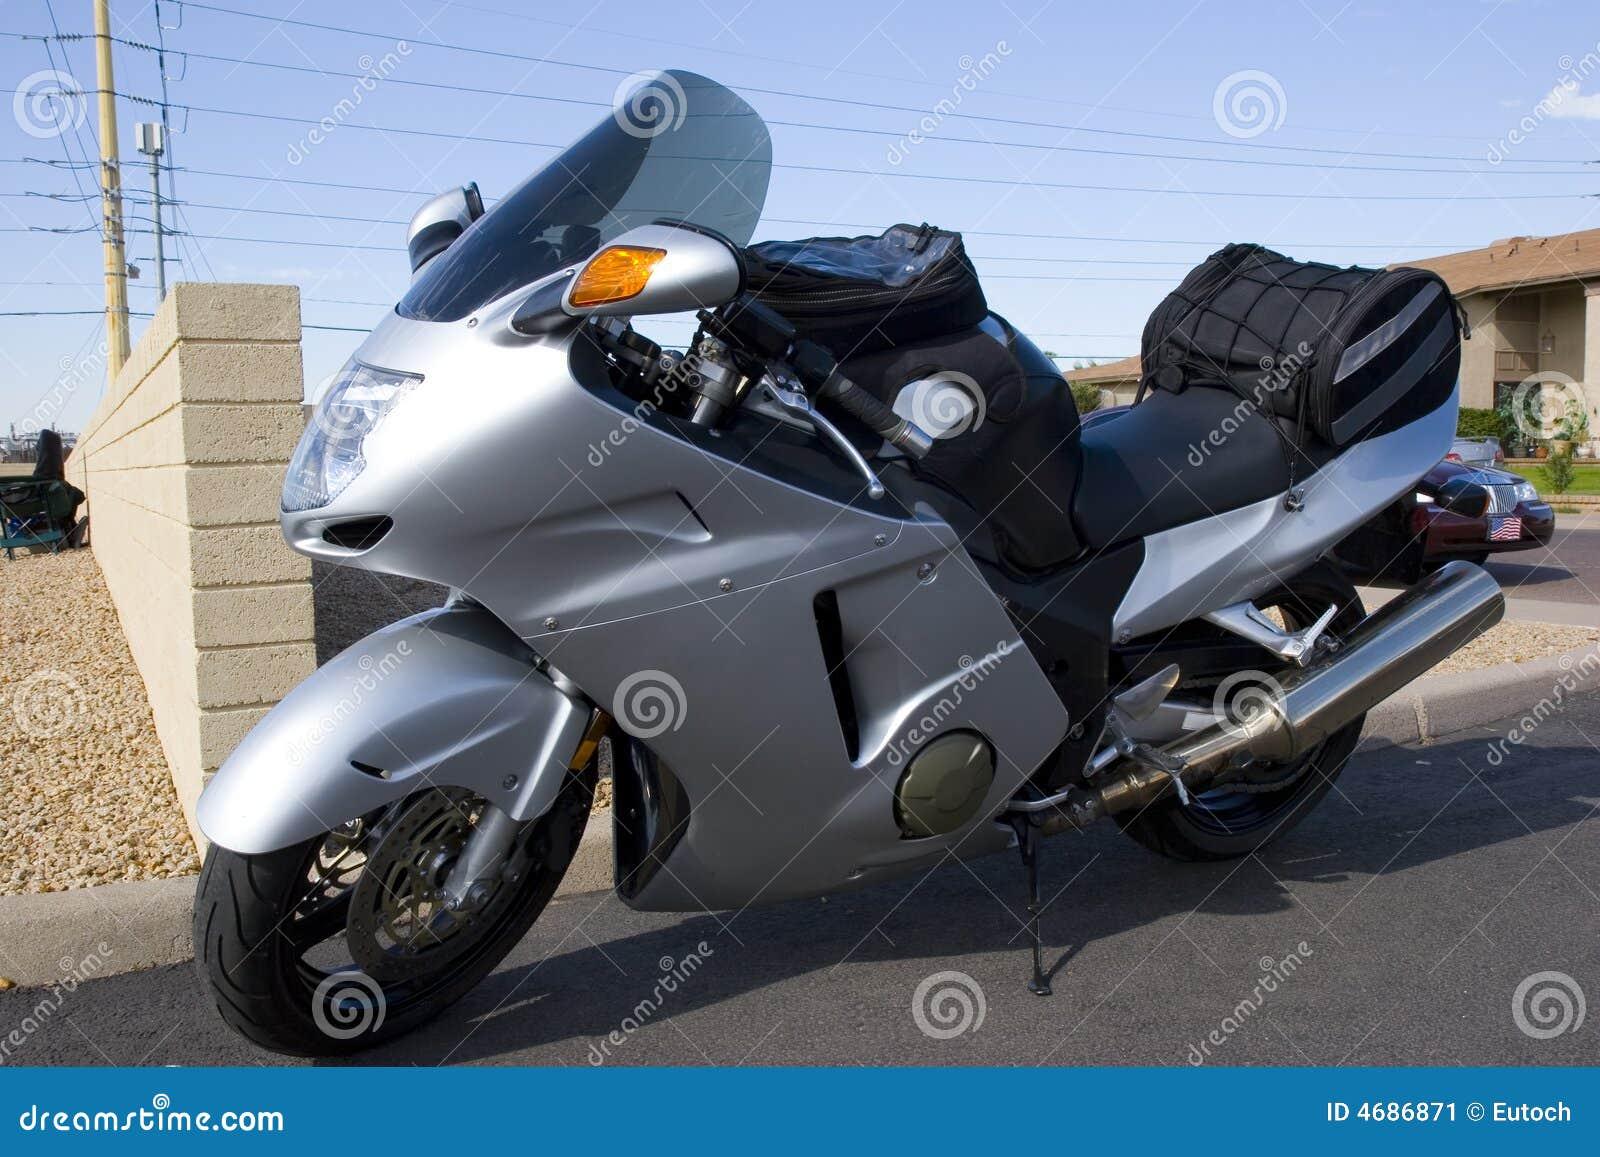 汽车本田摩托车显示银宝骏530怎么看续航里程图片